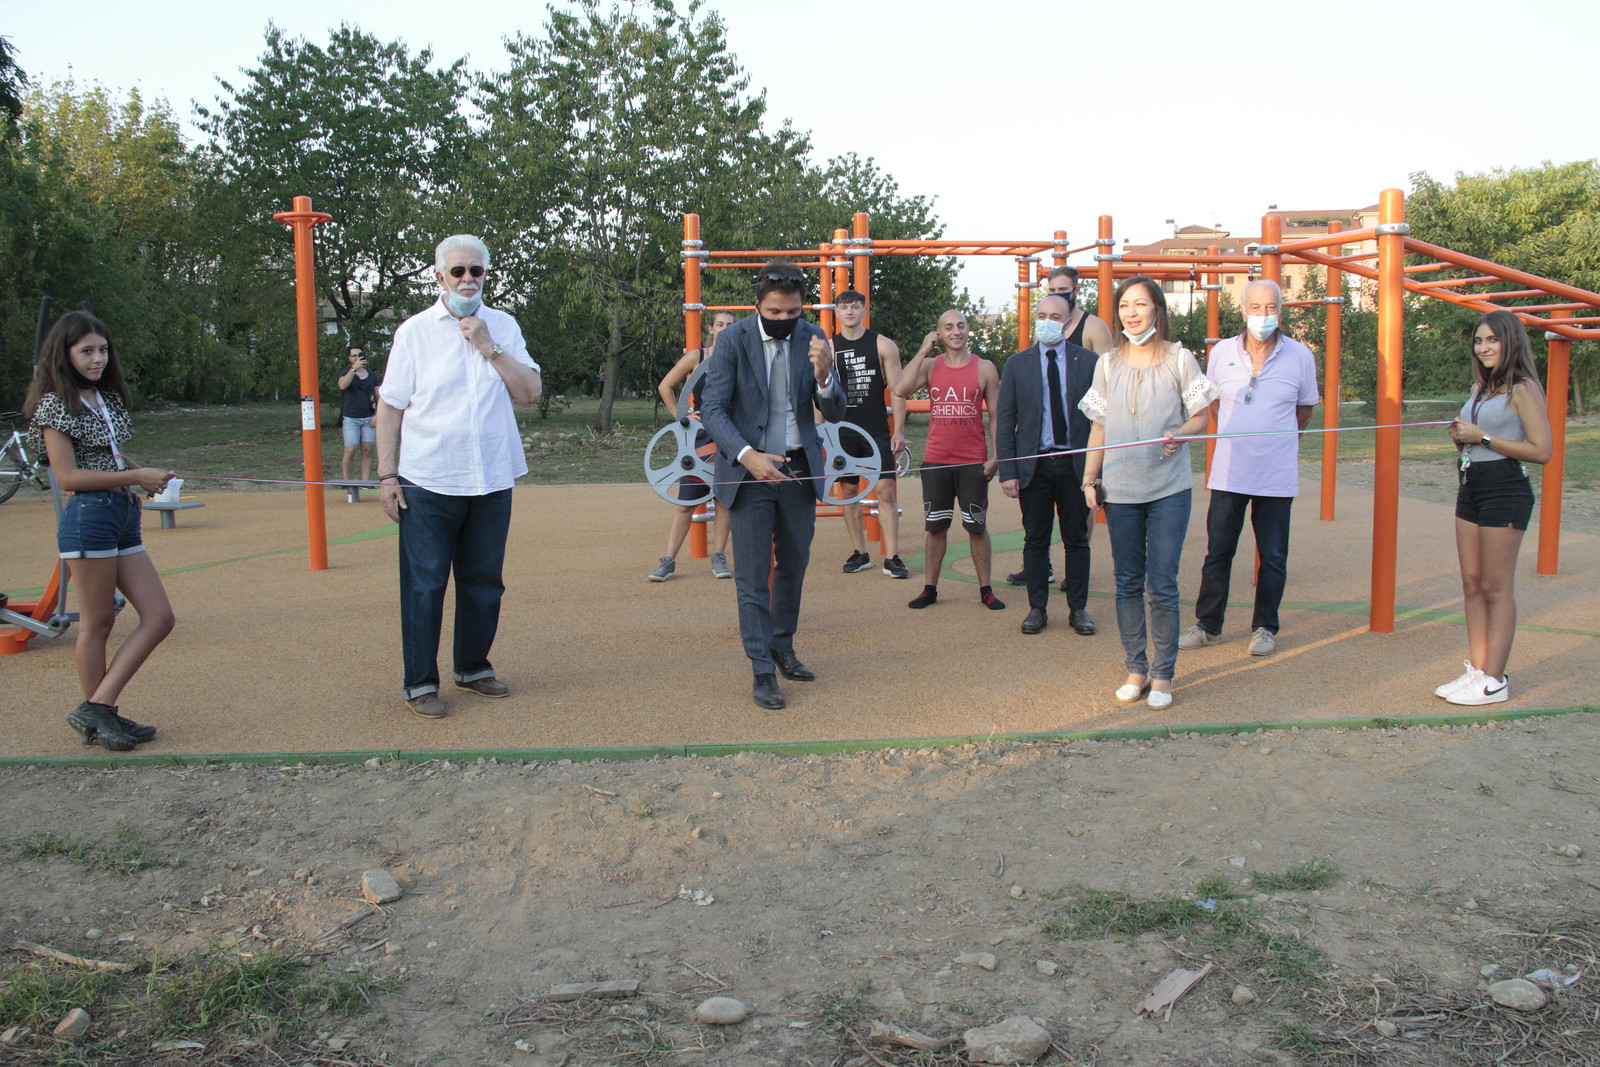 PumTrack e Area Fitness inclusiva, nuovi spazi di aggregazione per San Giuliano Milanese